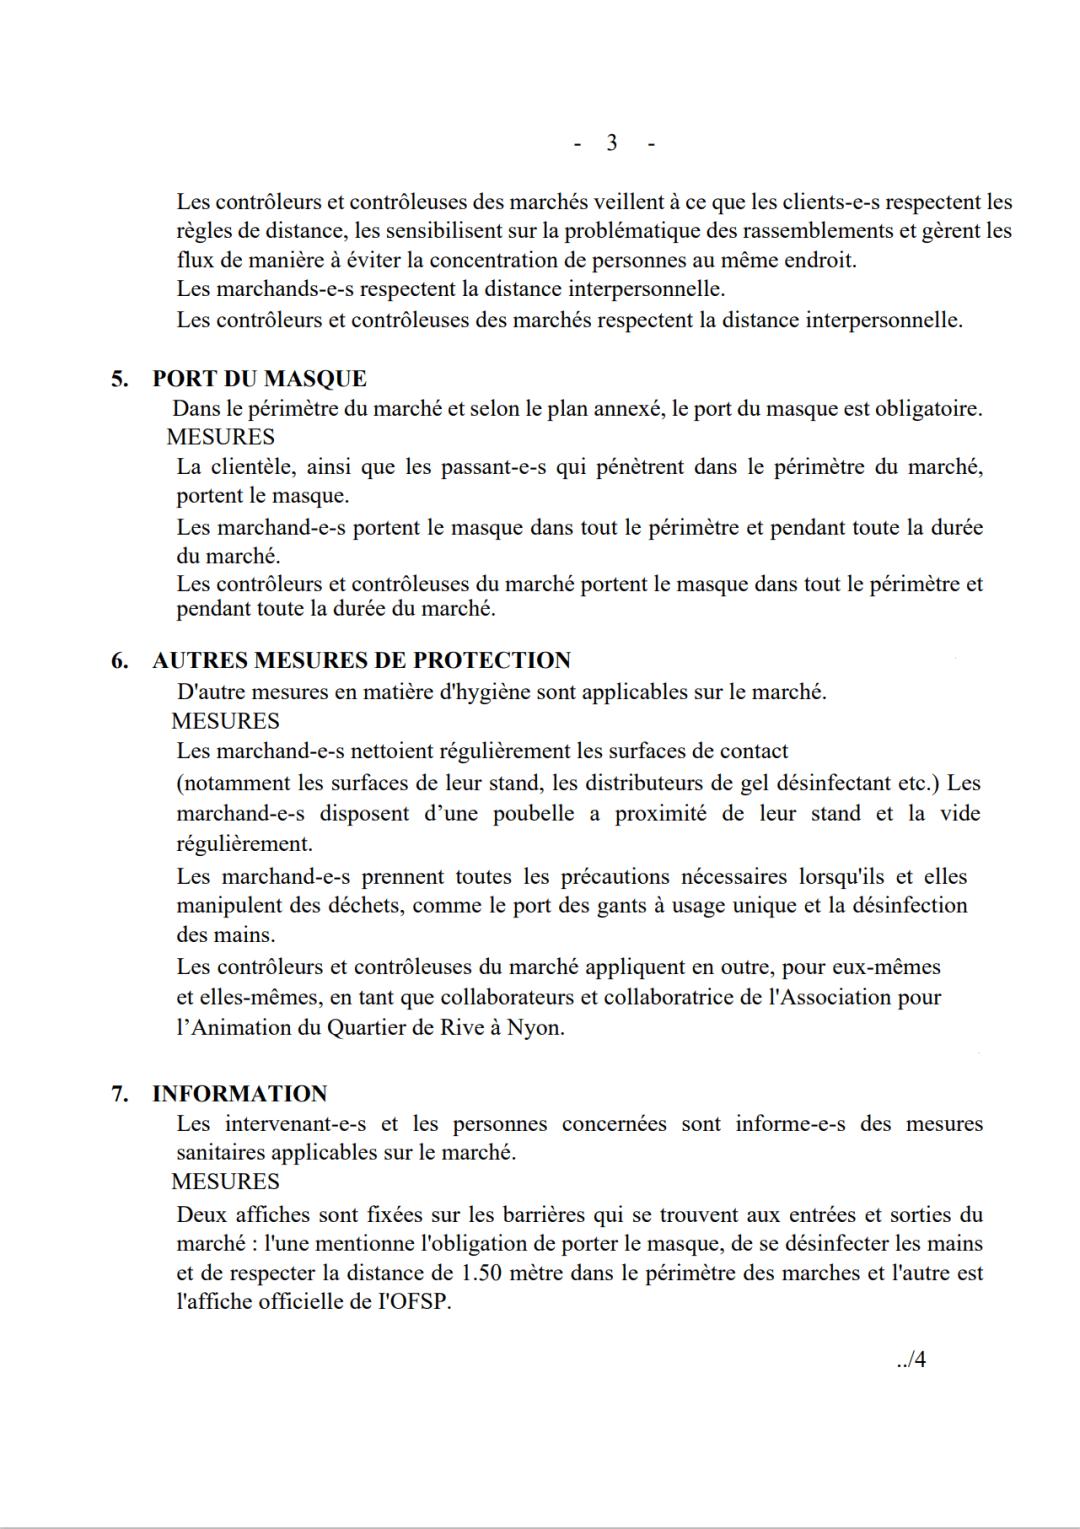 Plan sanitaire du marché aux puces.3